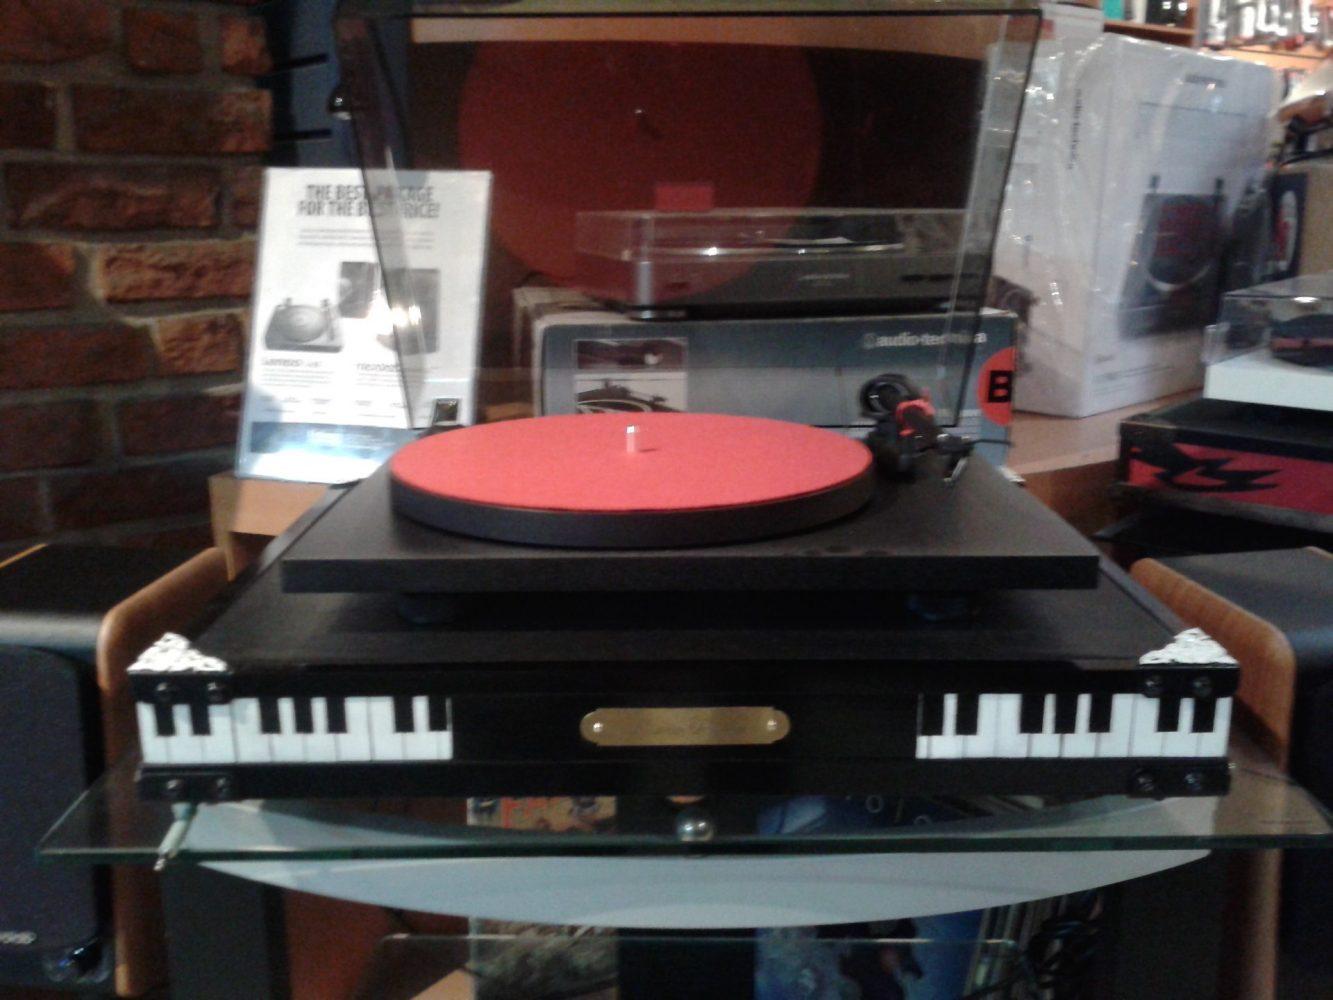 Eki-Table Signature Series Audio Podium